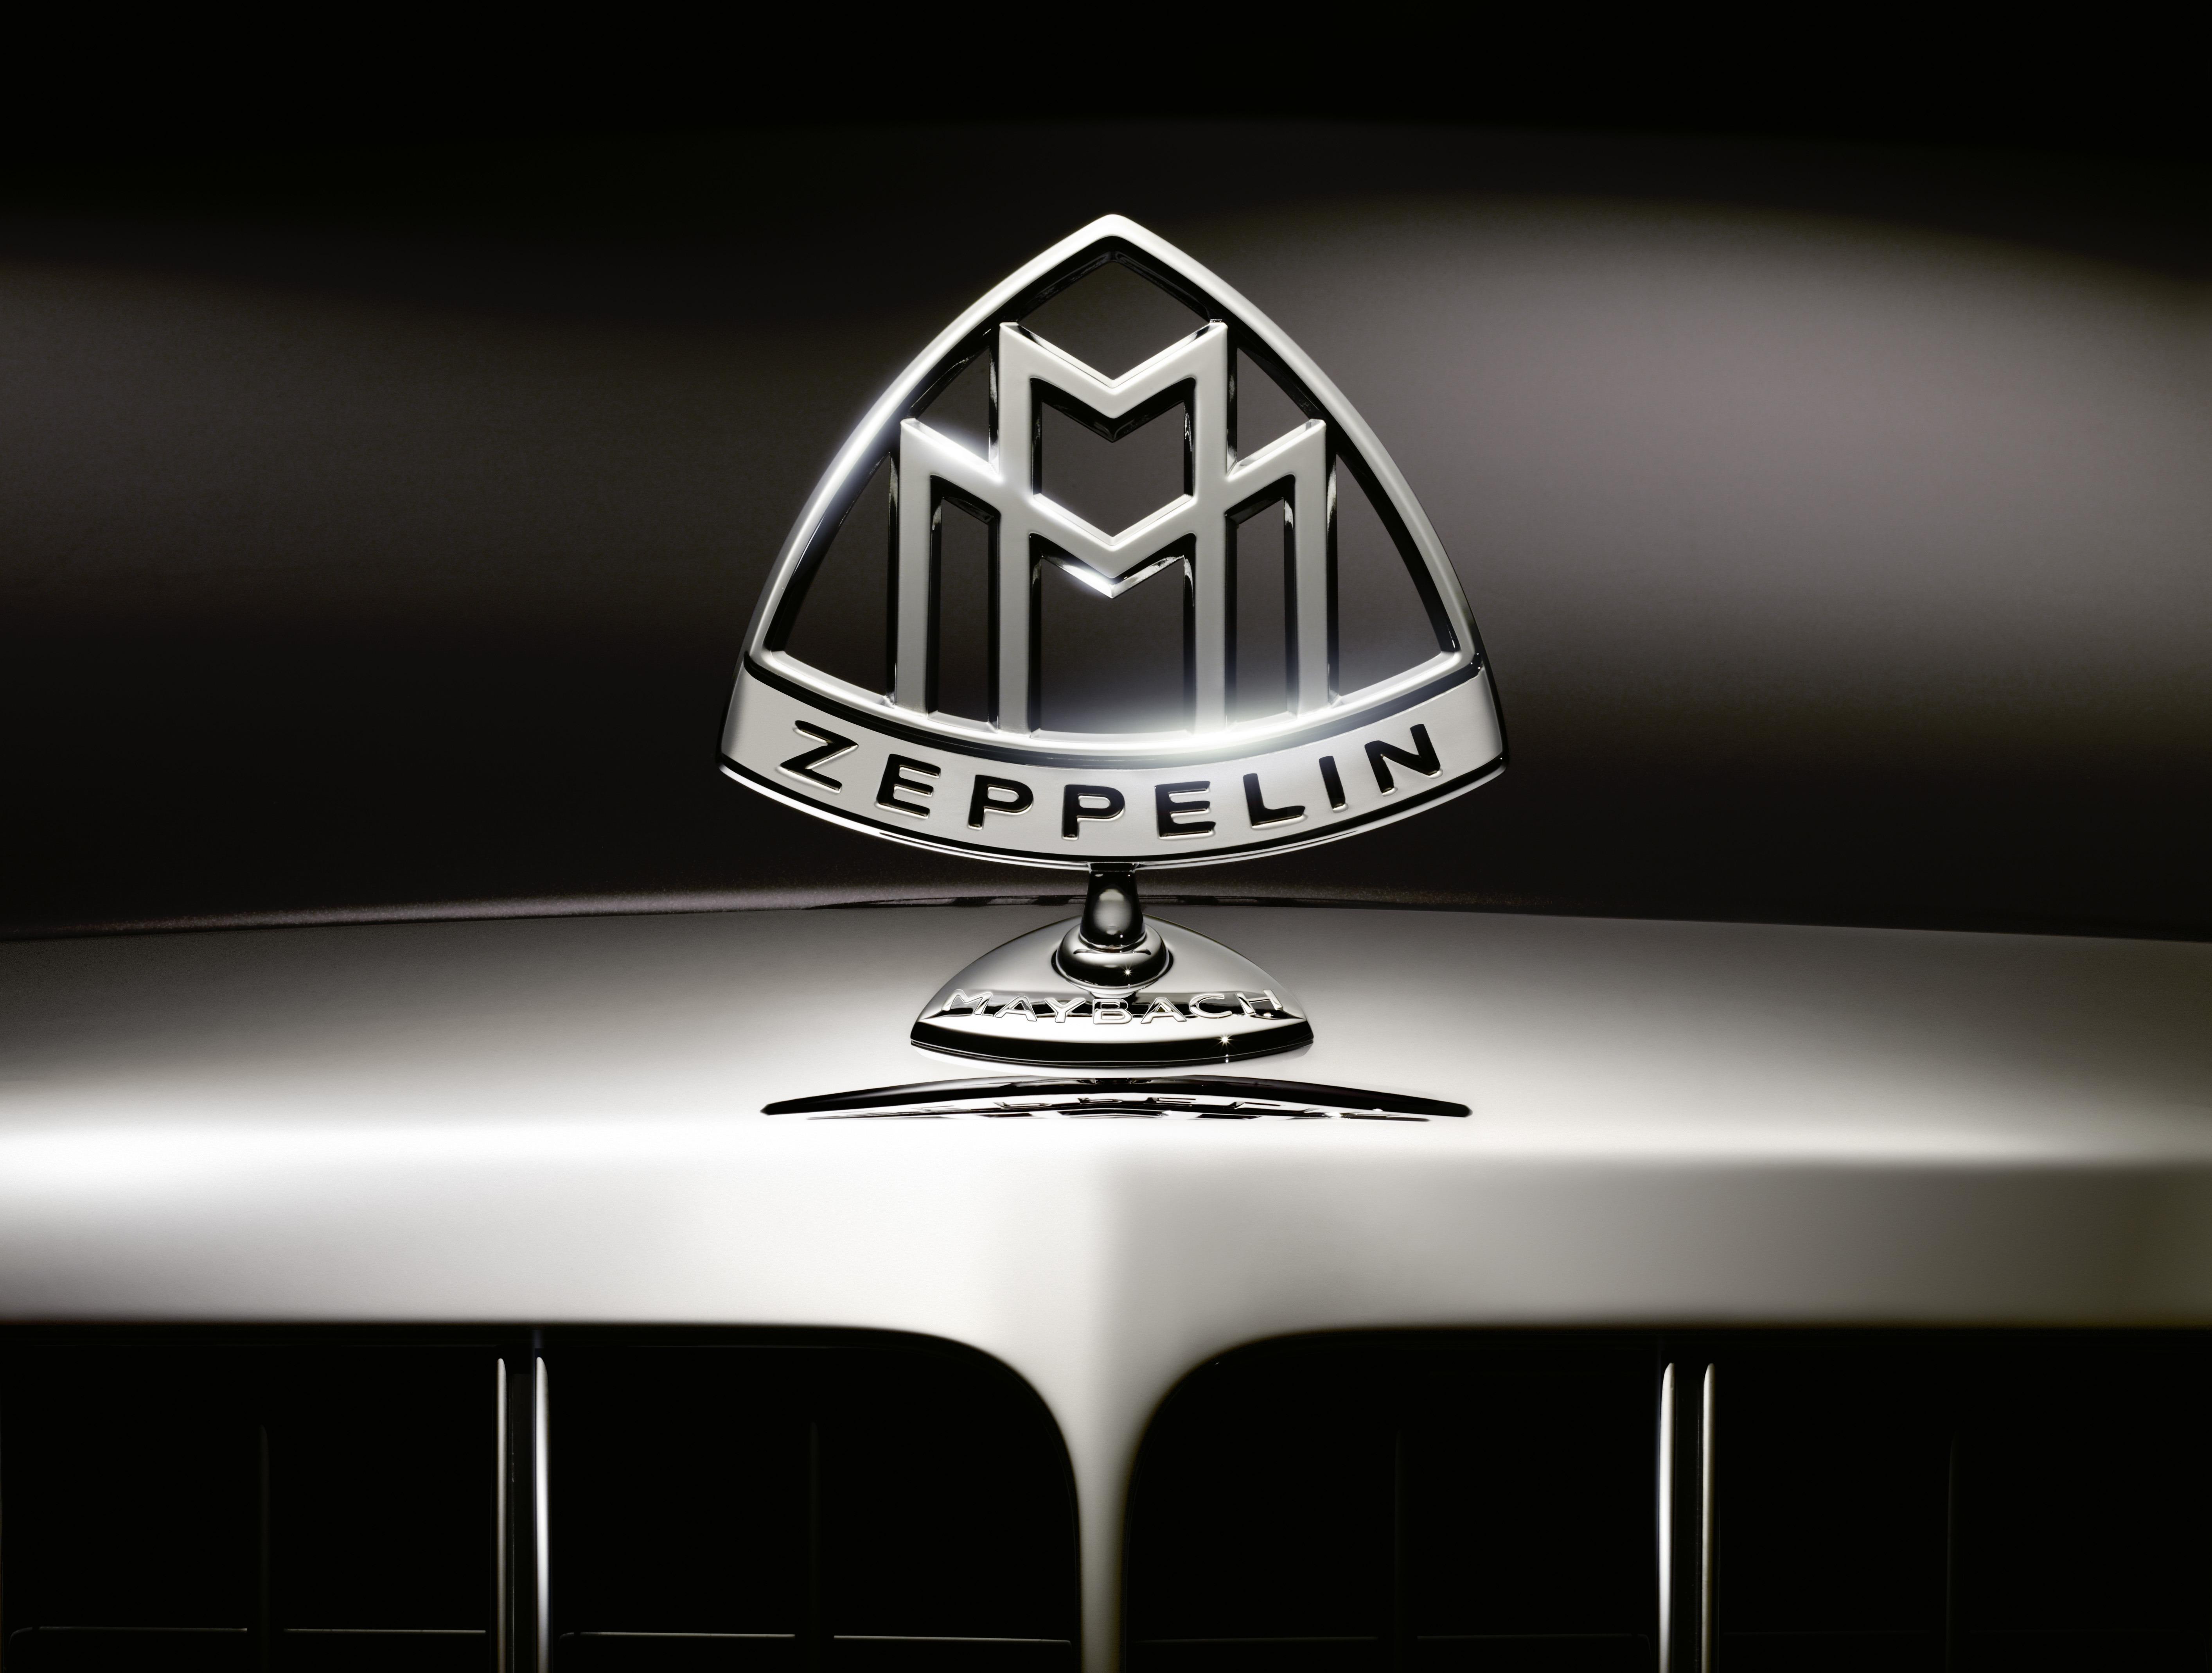 красивые картинки с логотипами машин запросу